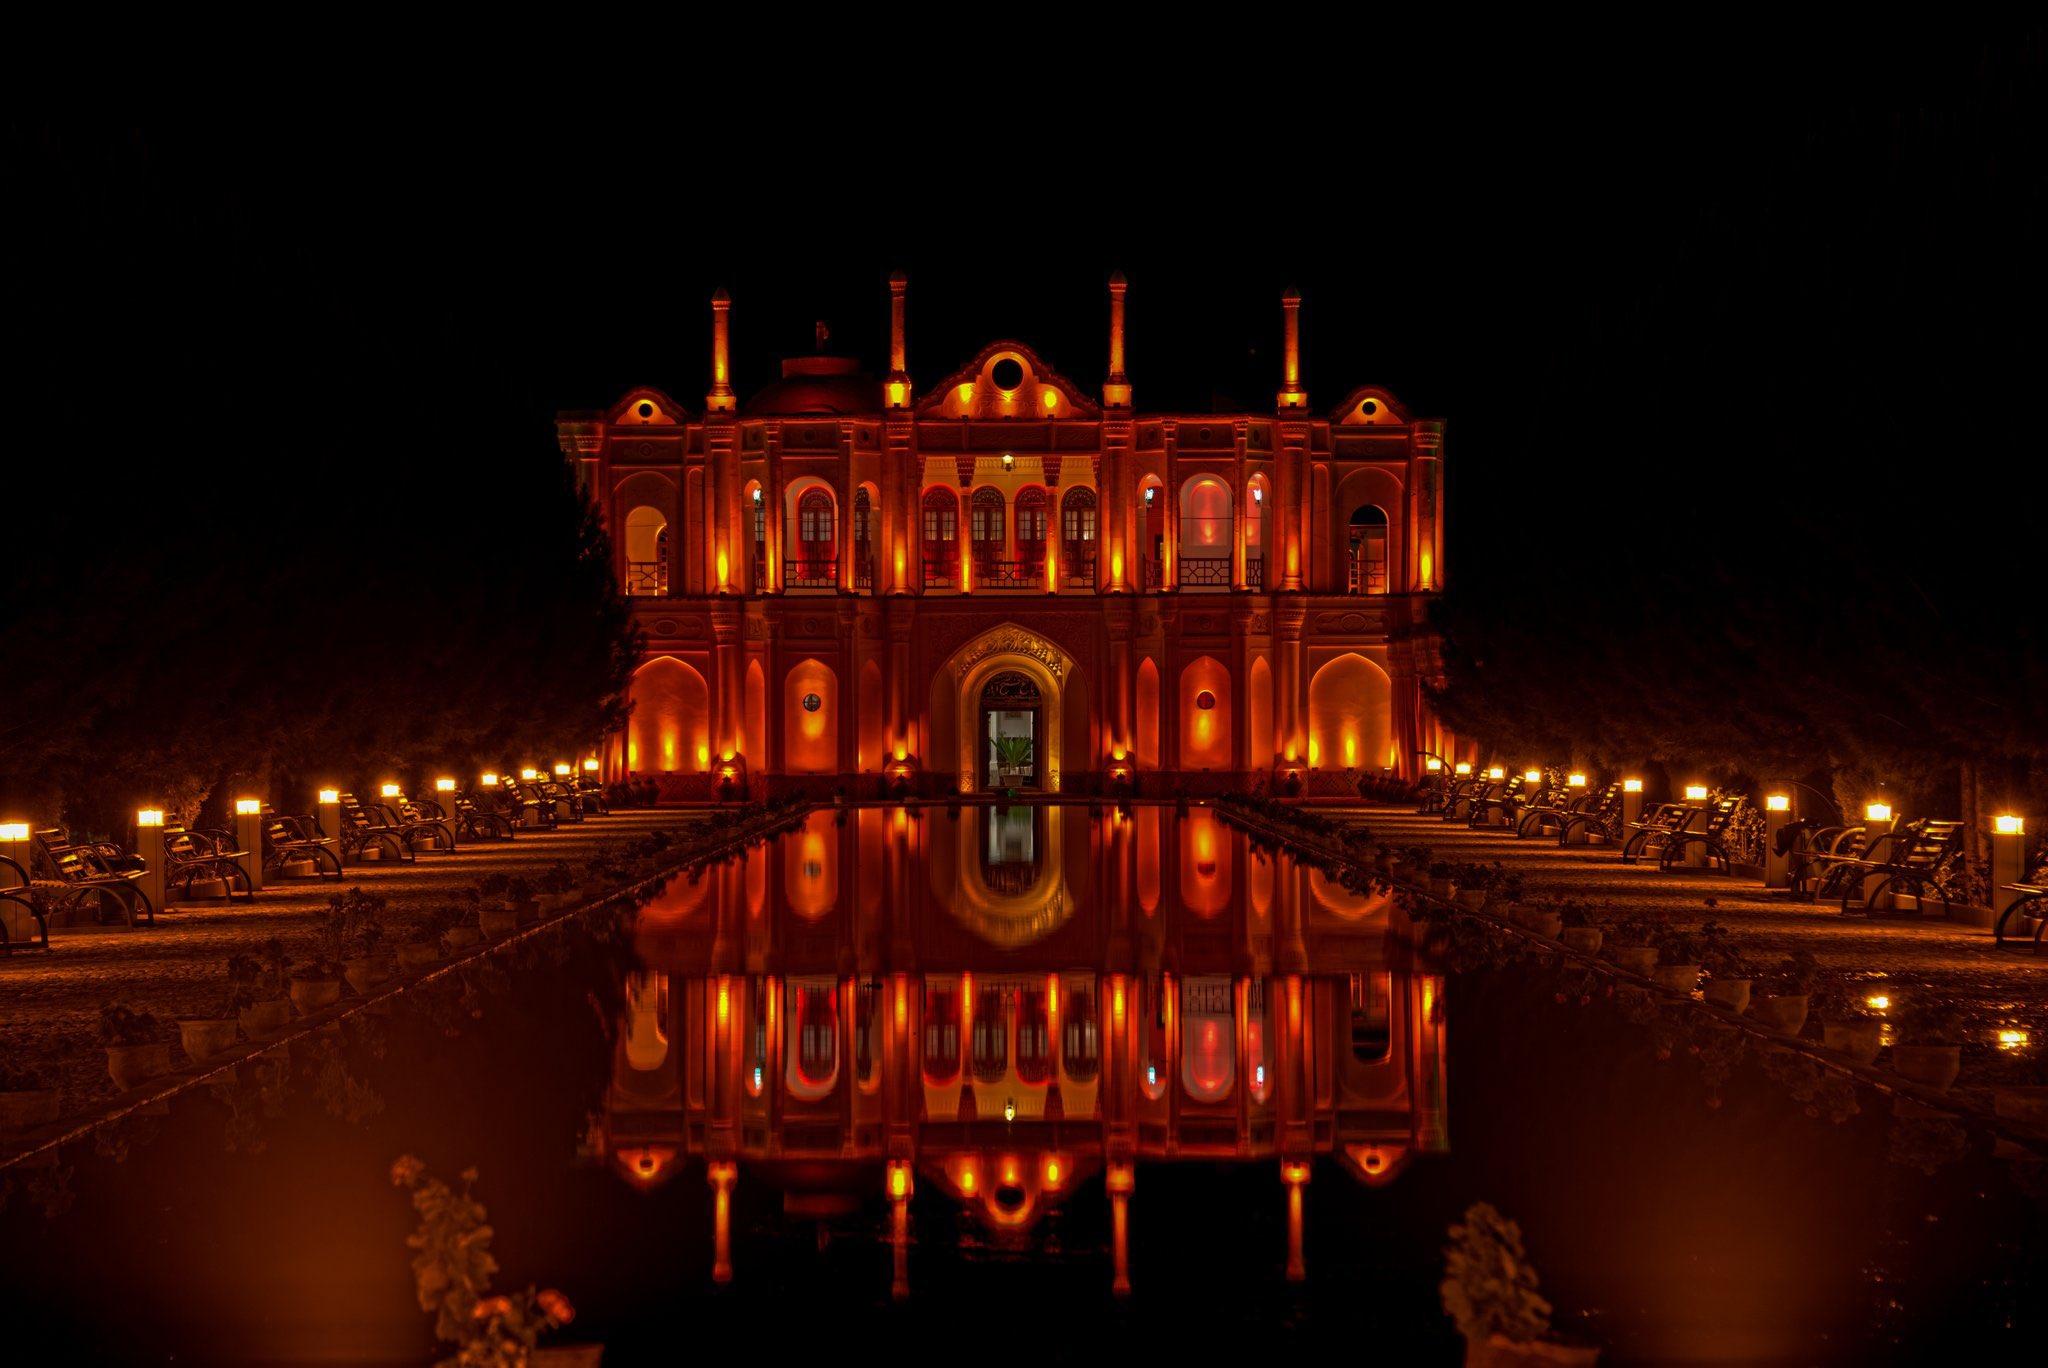 نمایی زیبا از عمارت باغ فتح آباد کرمان